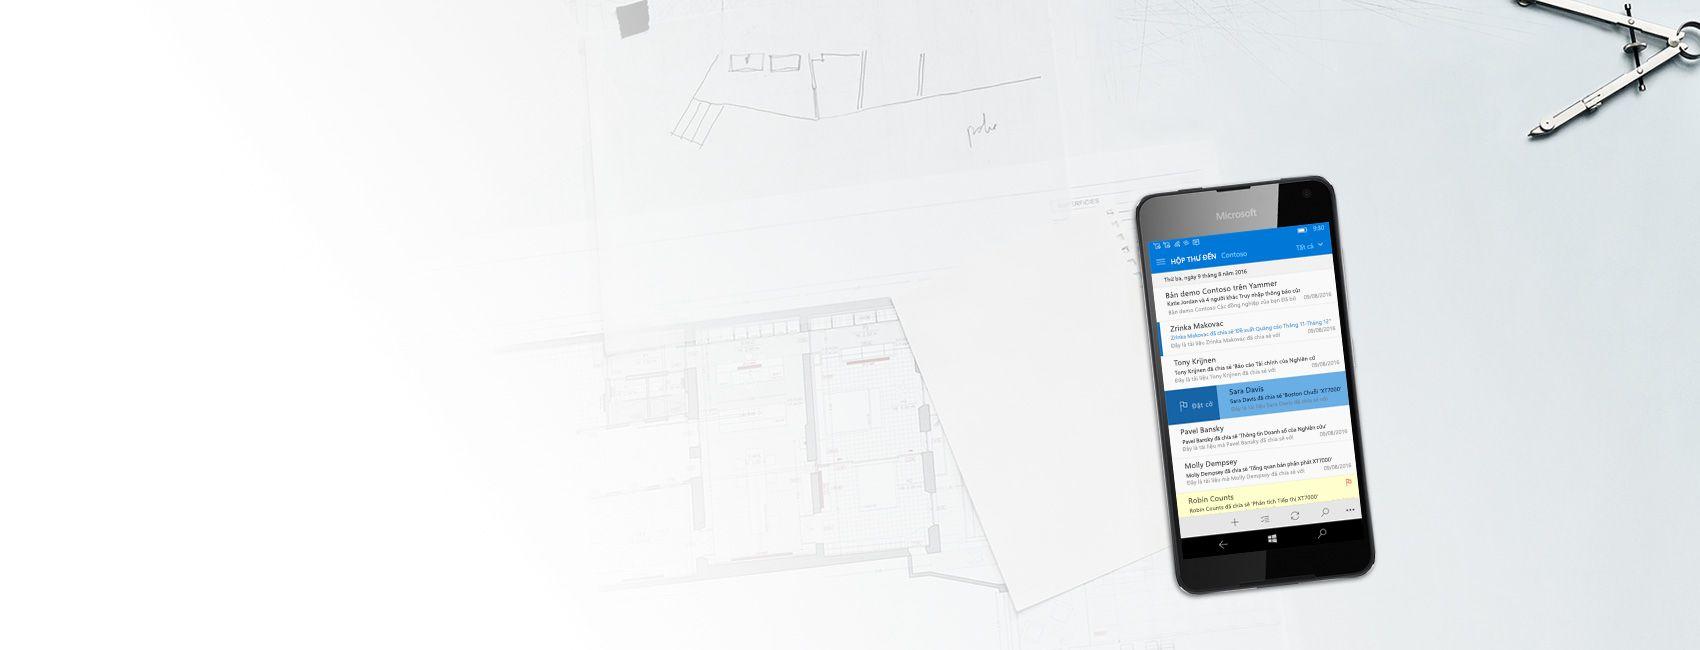 Điện thoại chạy Windows hiển thị một hộp thư đến email trong Outlook for Windows 10 Mobile